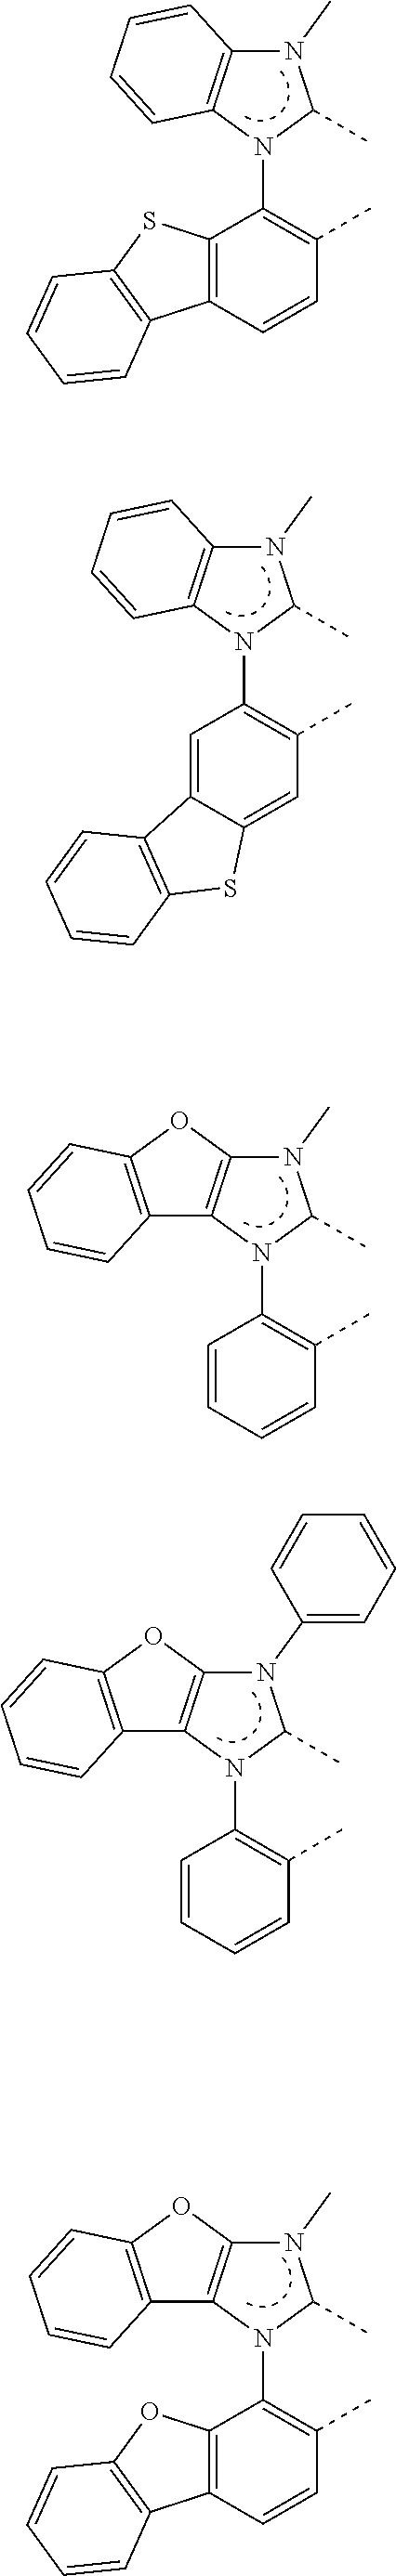 Figure US09773985-20170926-C00276